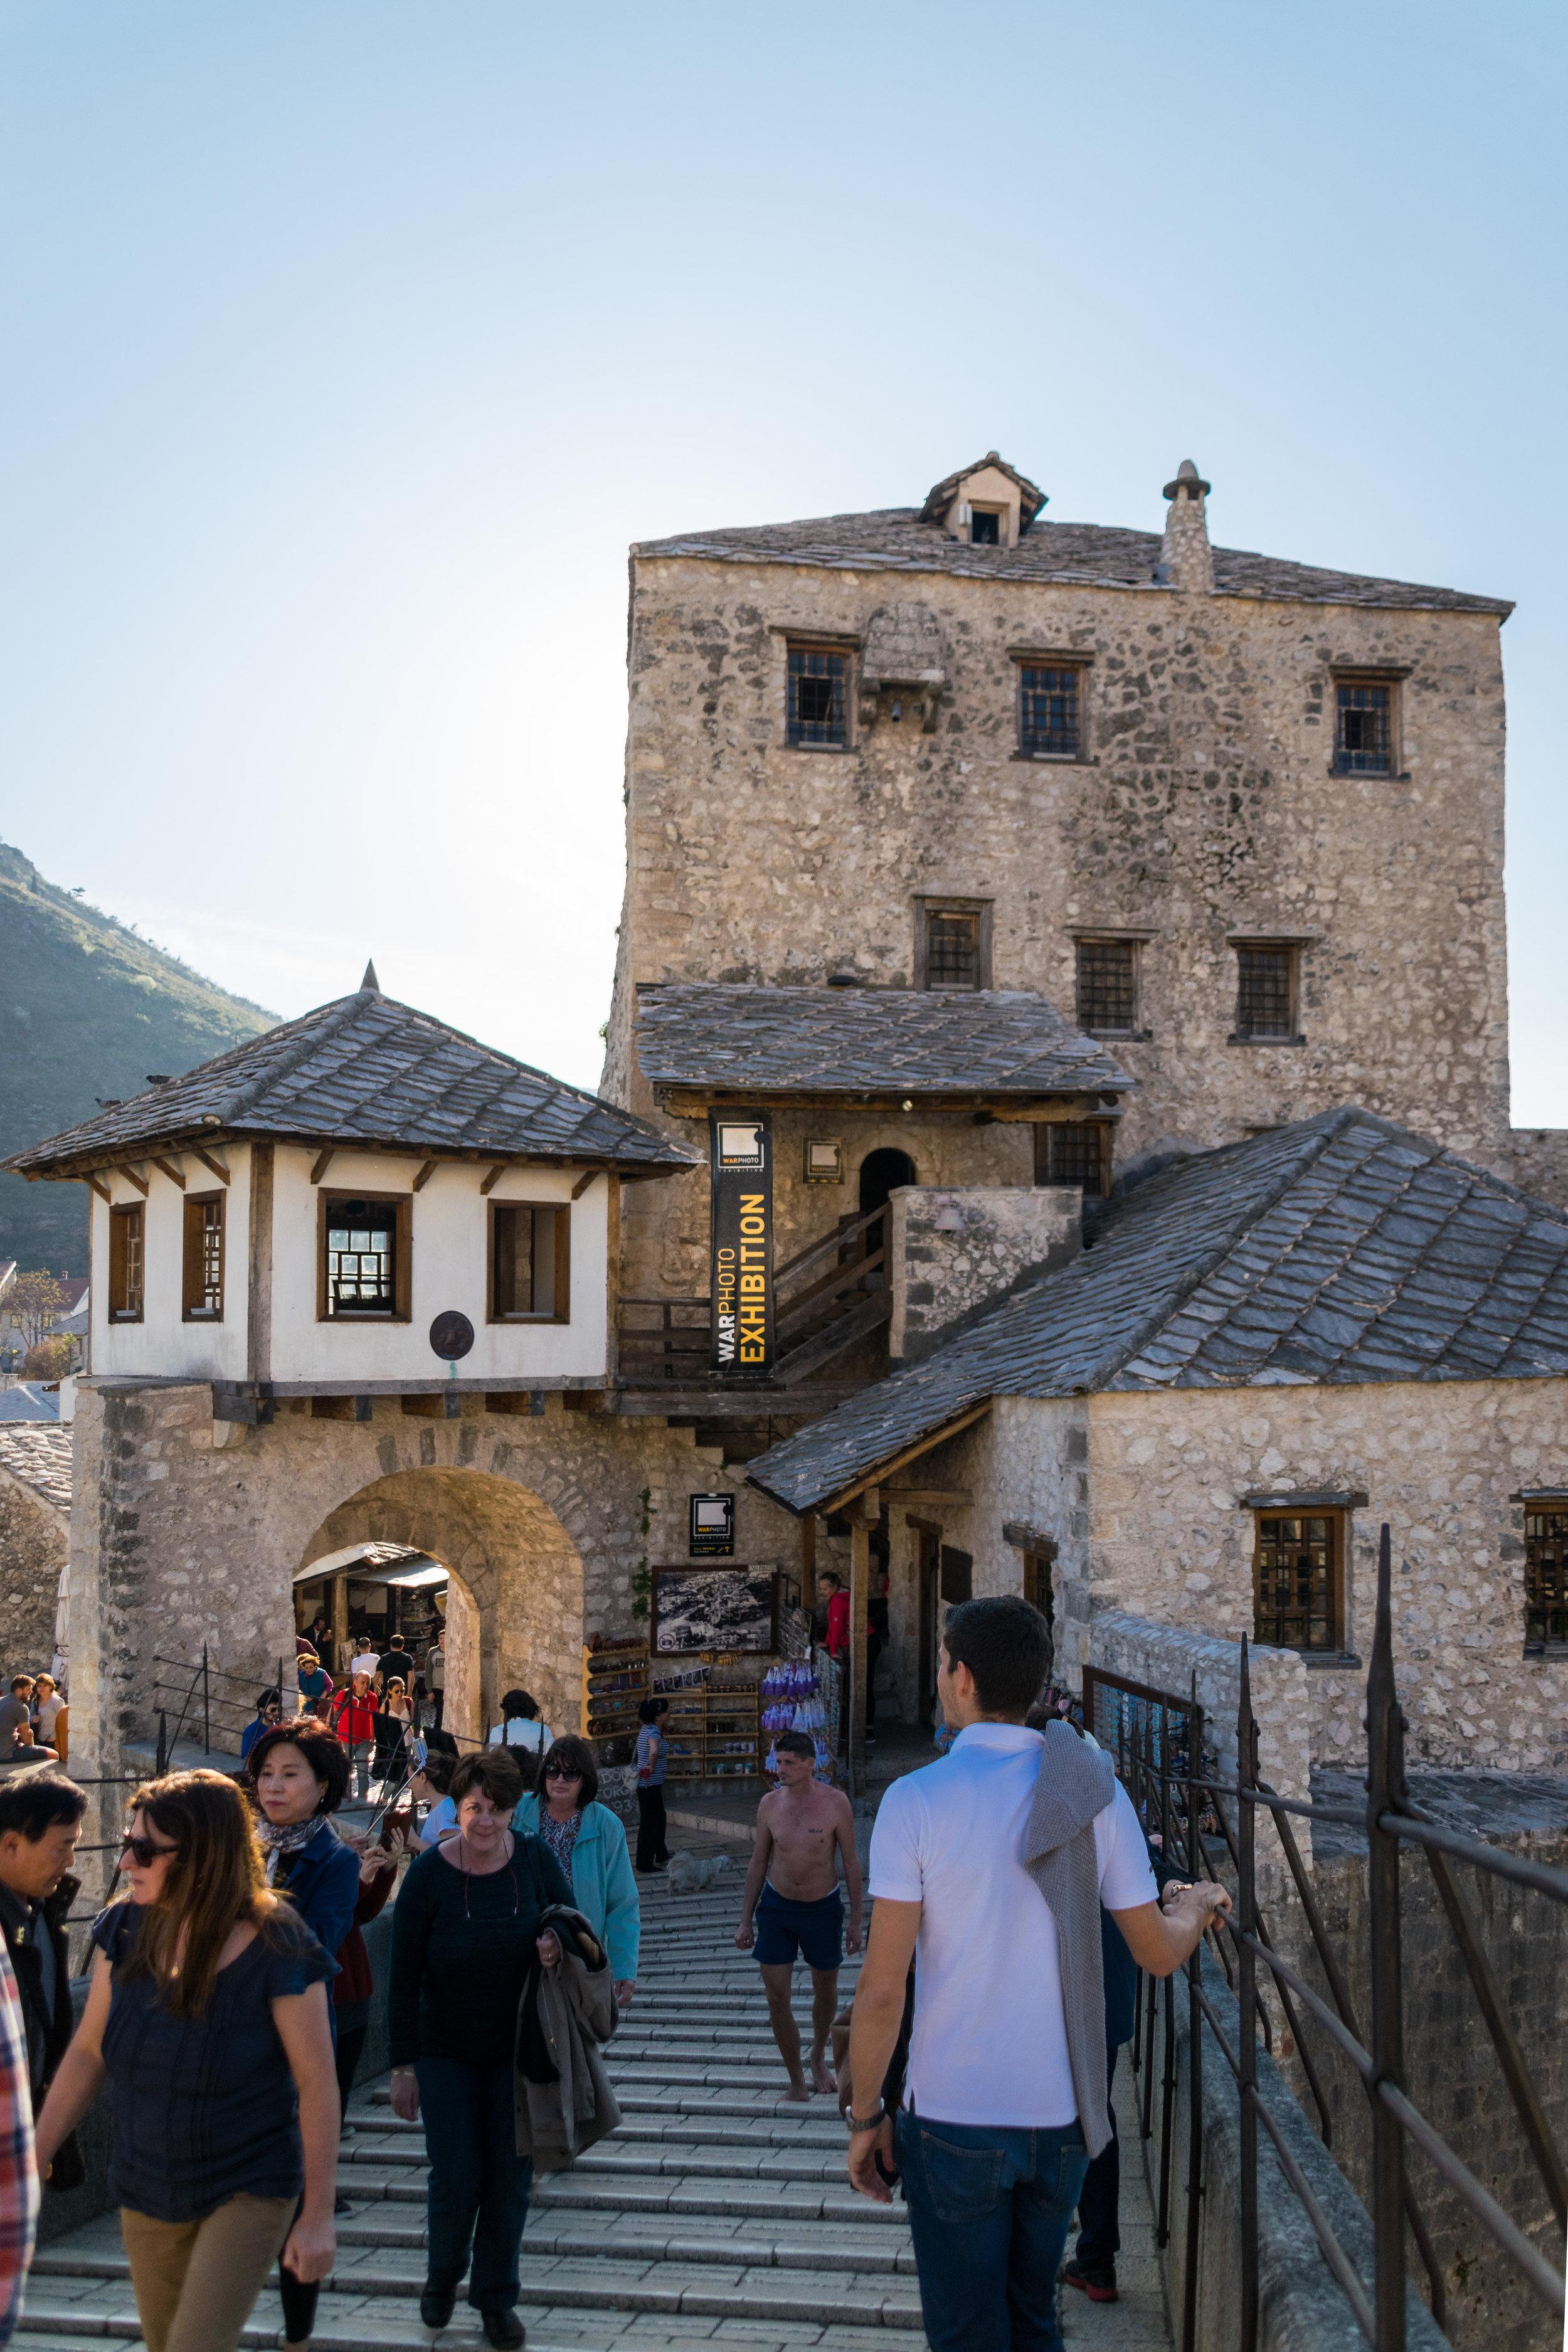 Mostar War Photo Exhibition-1.jpg